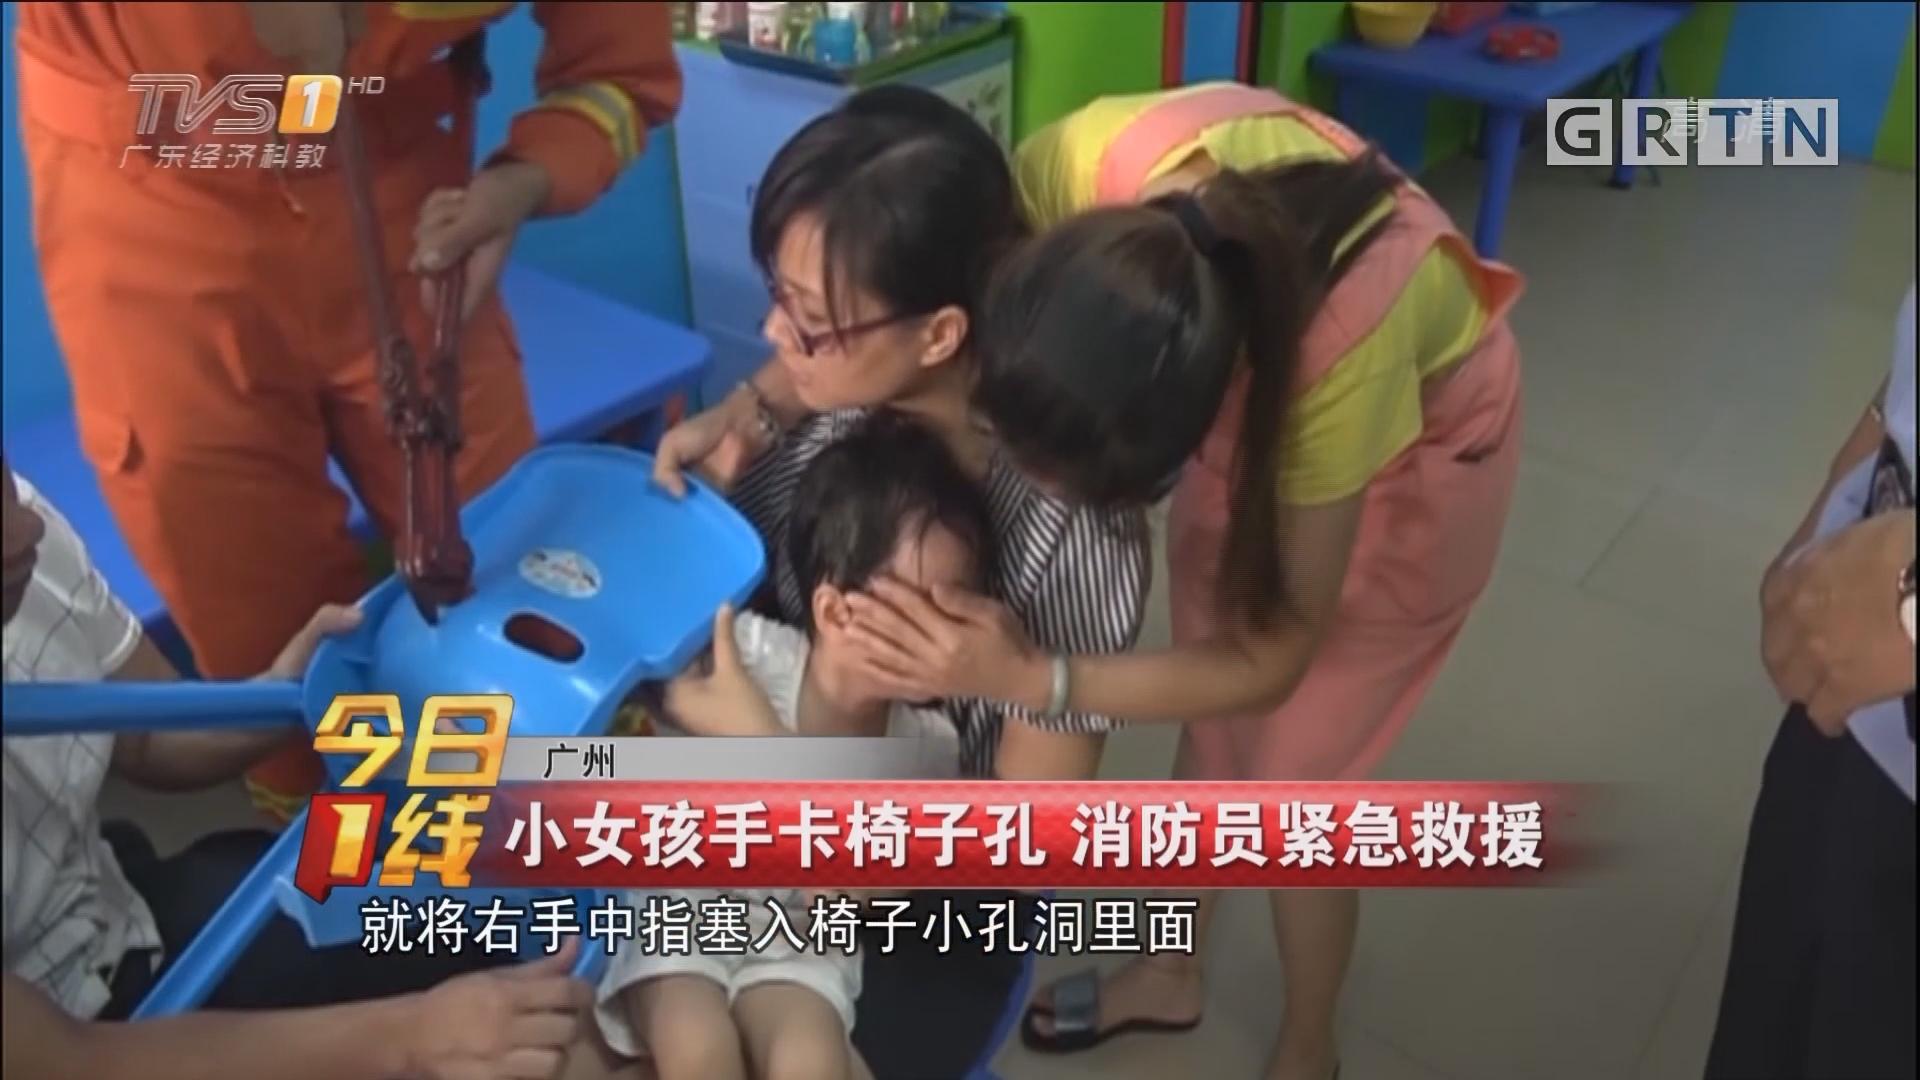 广州:小女孩手卡椅子孔 消防员紧急救援